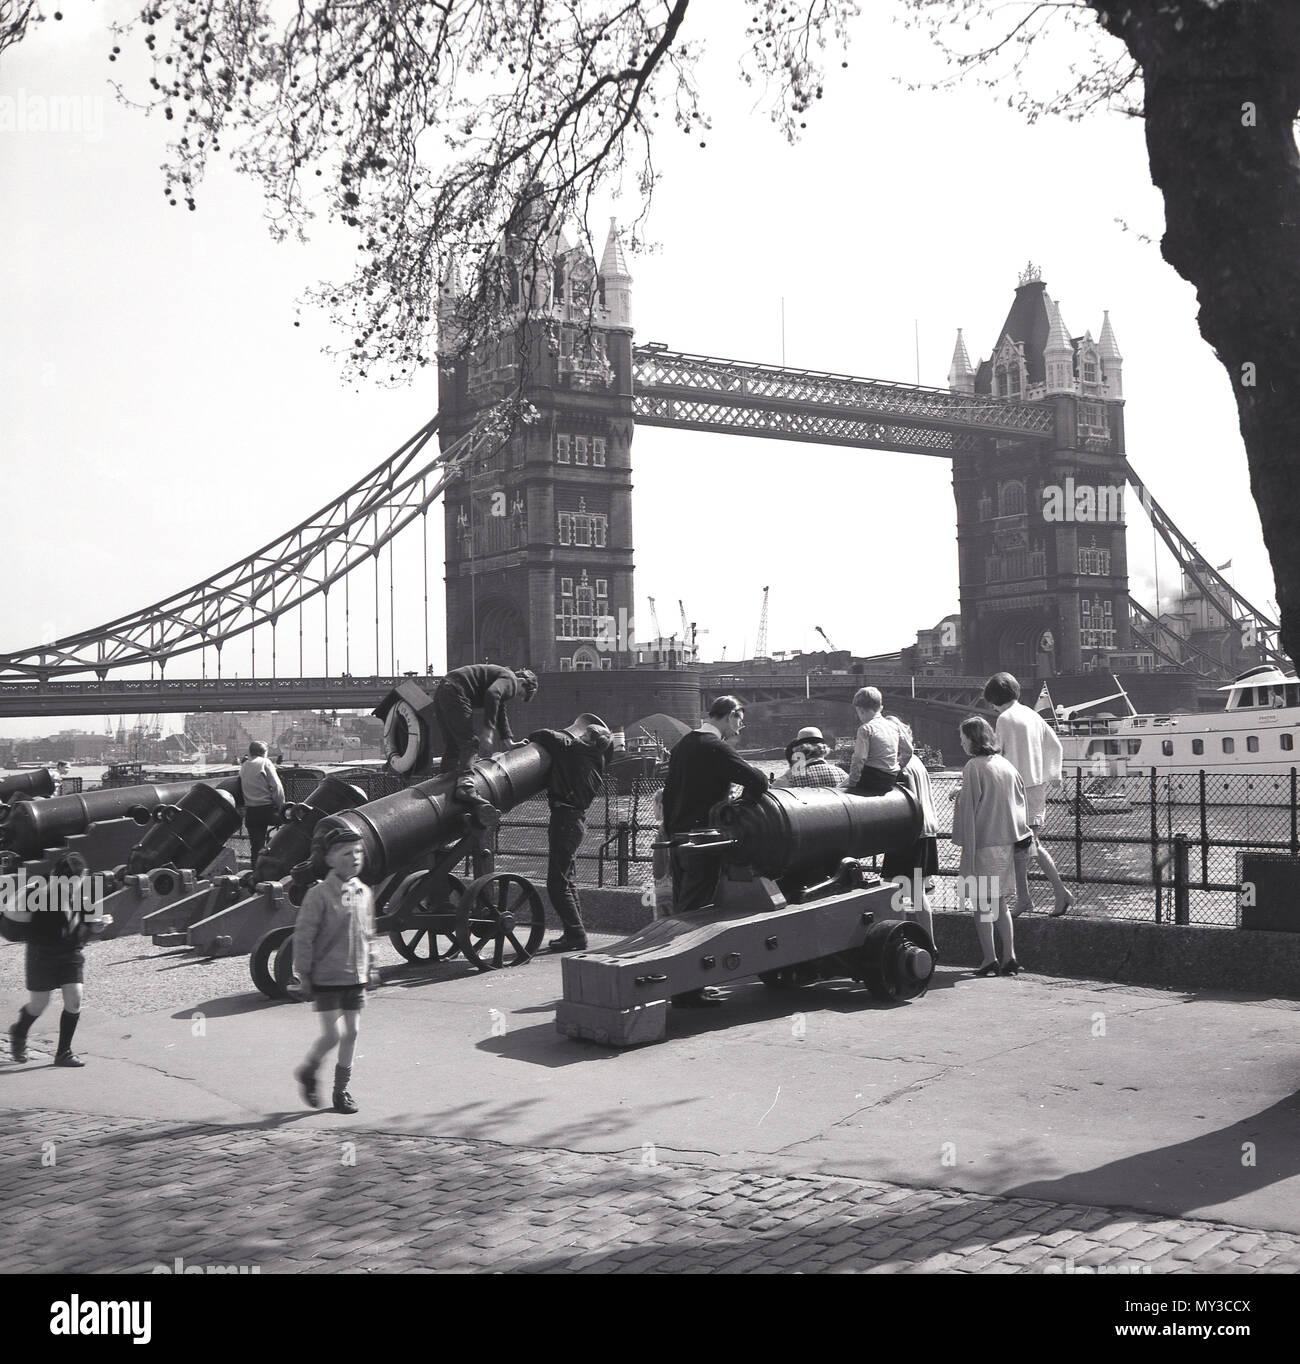 1950 Ninos Jugando En Los Antiguos Canones De Artilleria Por La